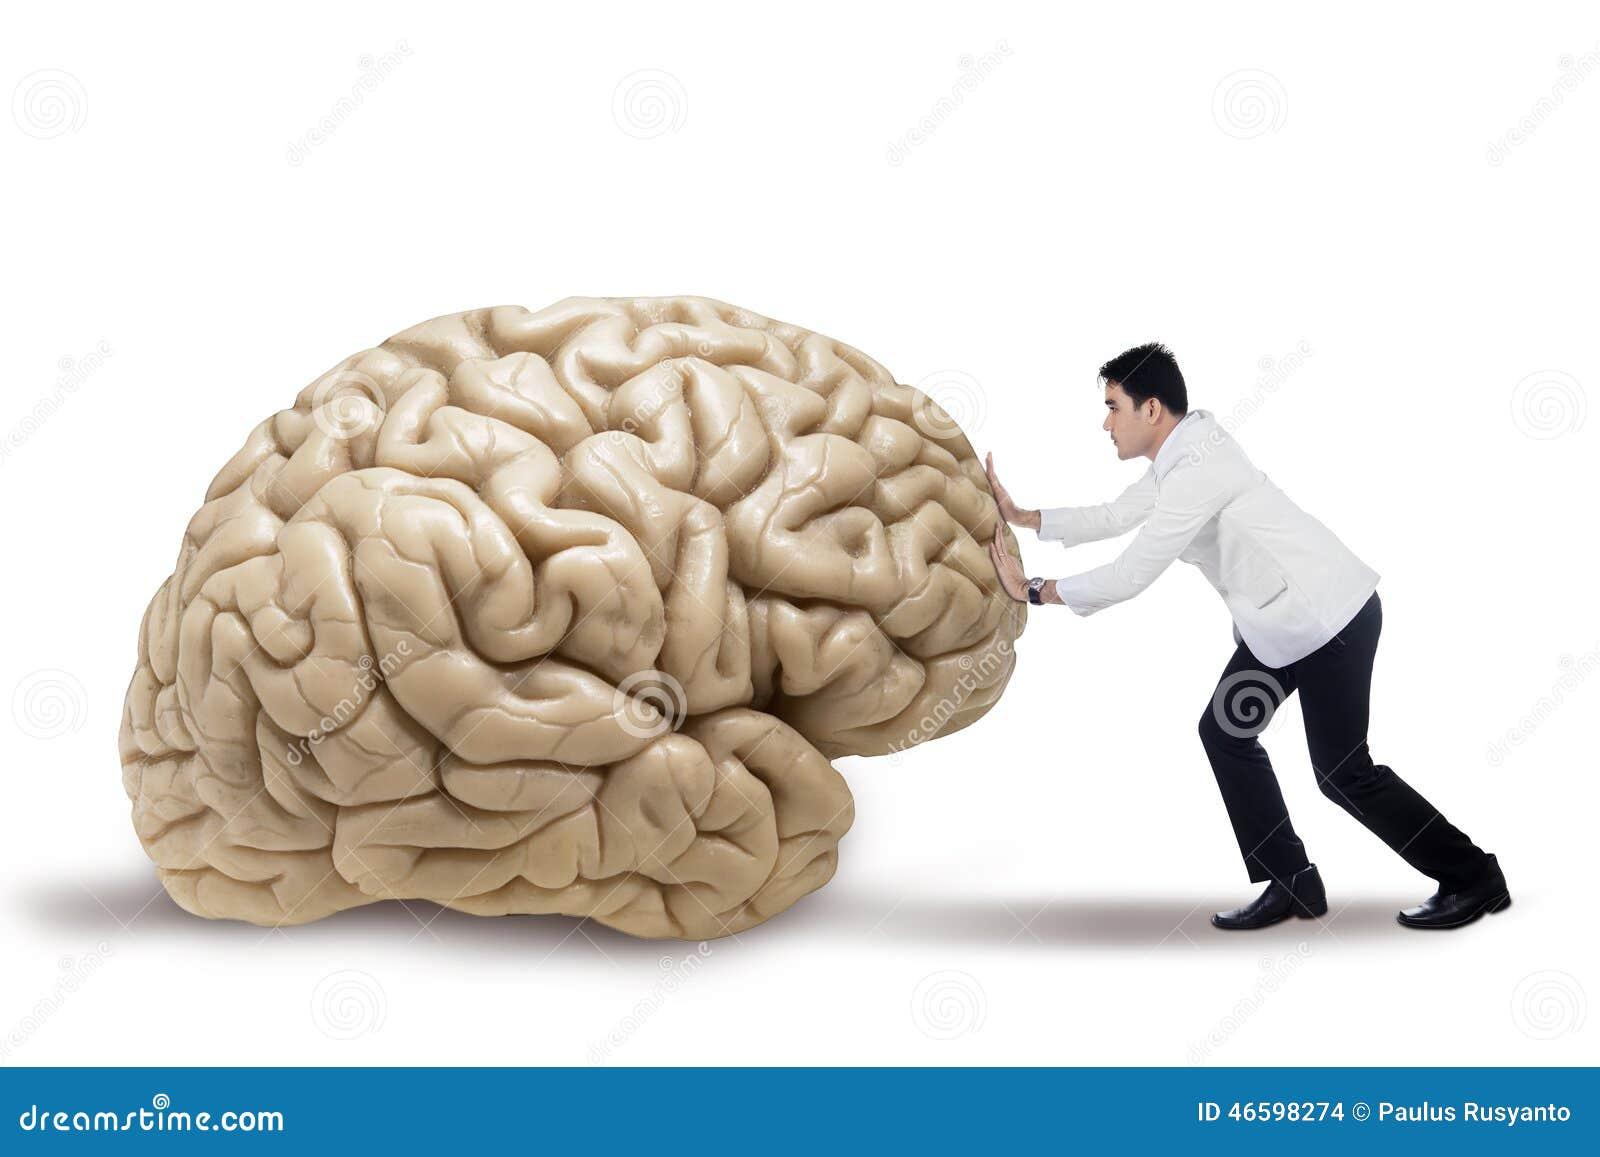 Praticien poussant un cerveau